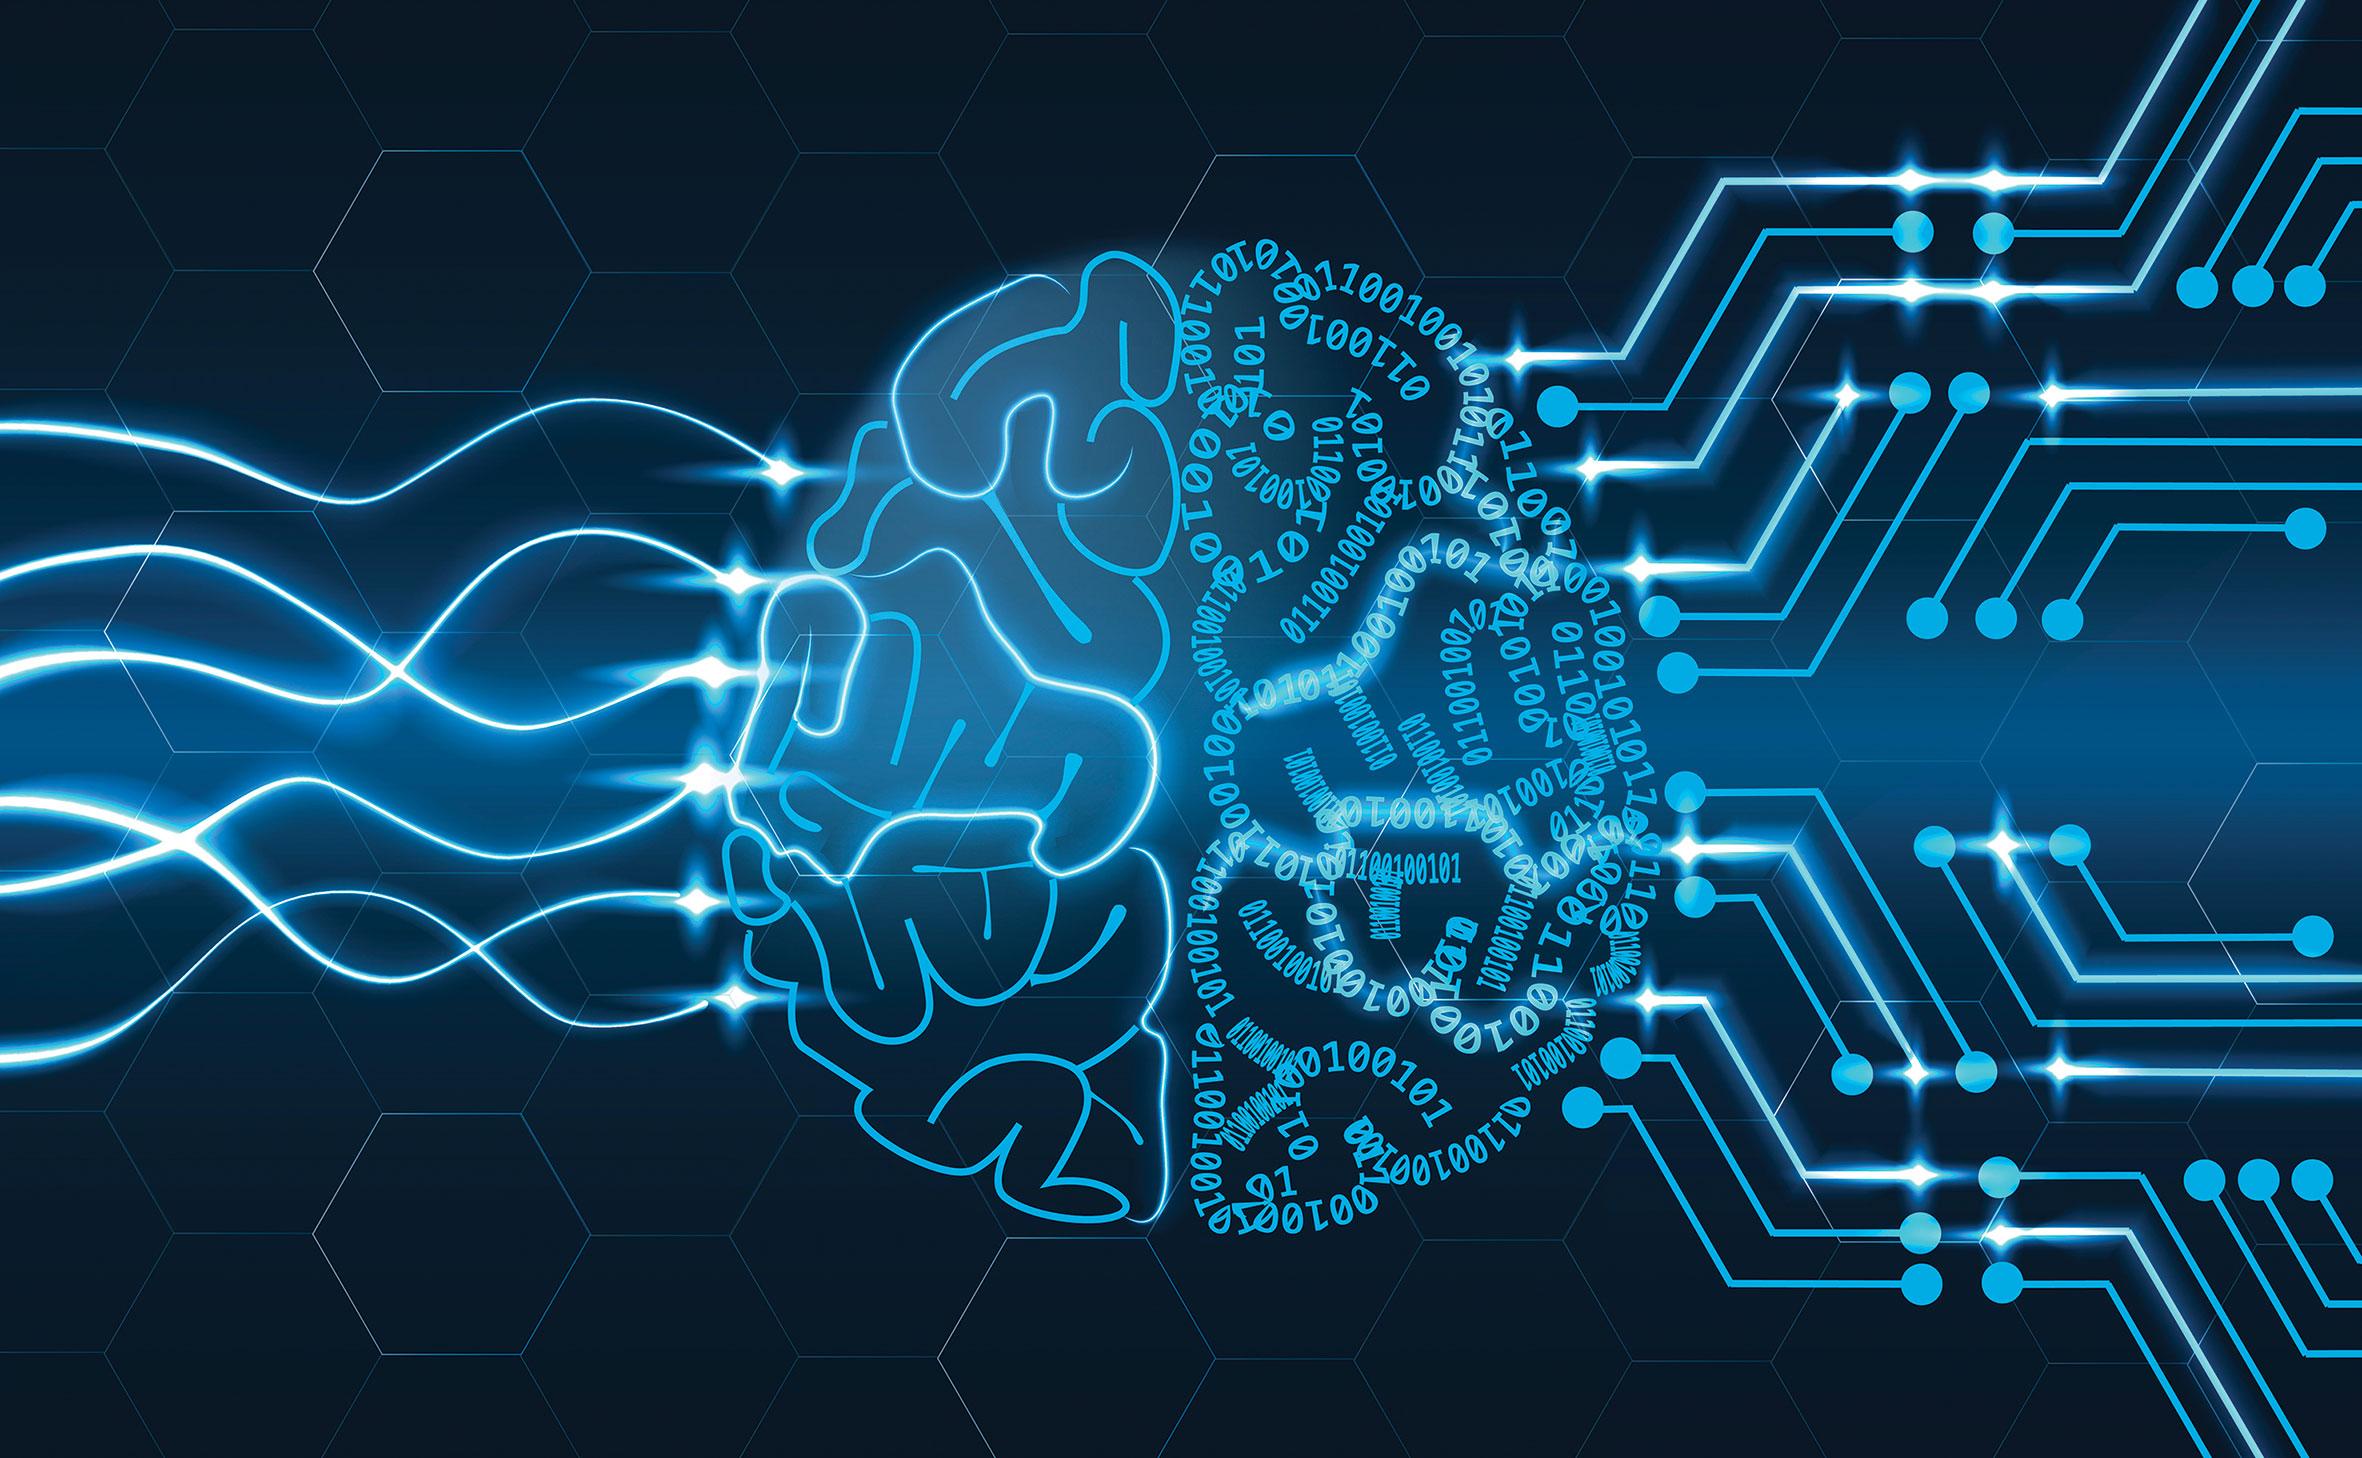 Le aziende tech ai tempi del Coronavirus: cloud, IA & Co. i pilastri in questa crisi